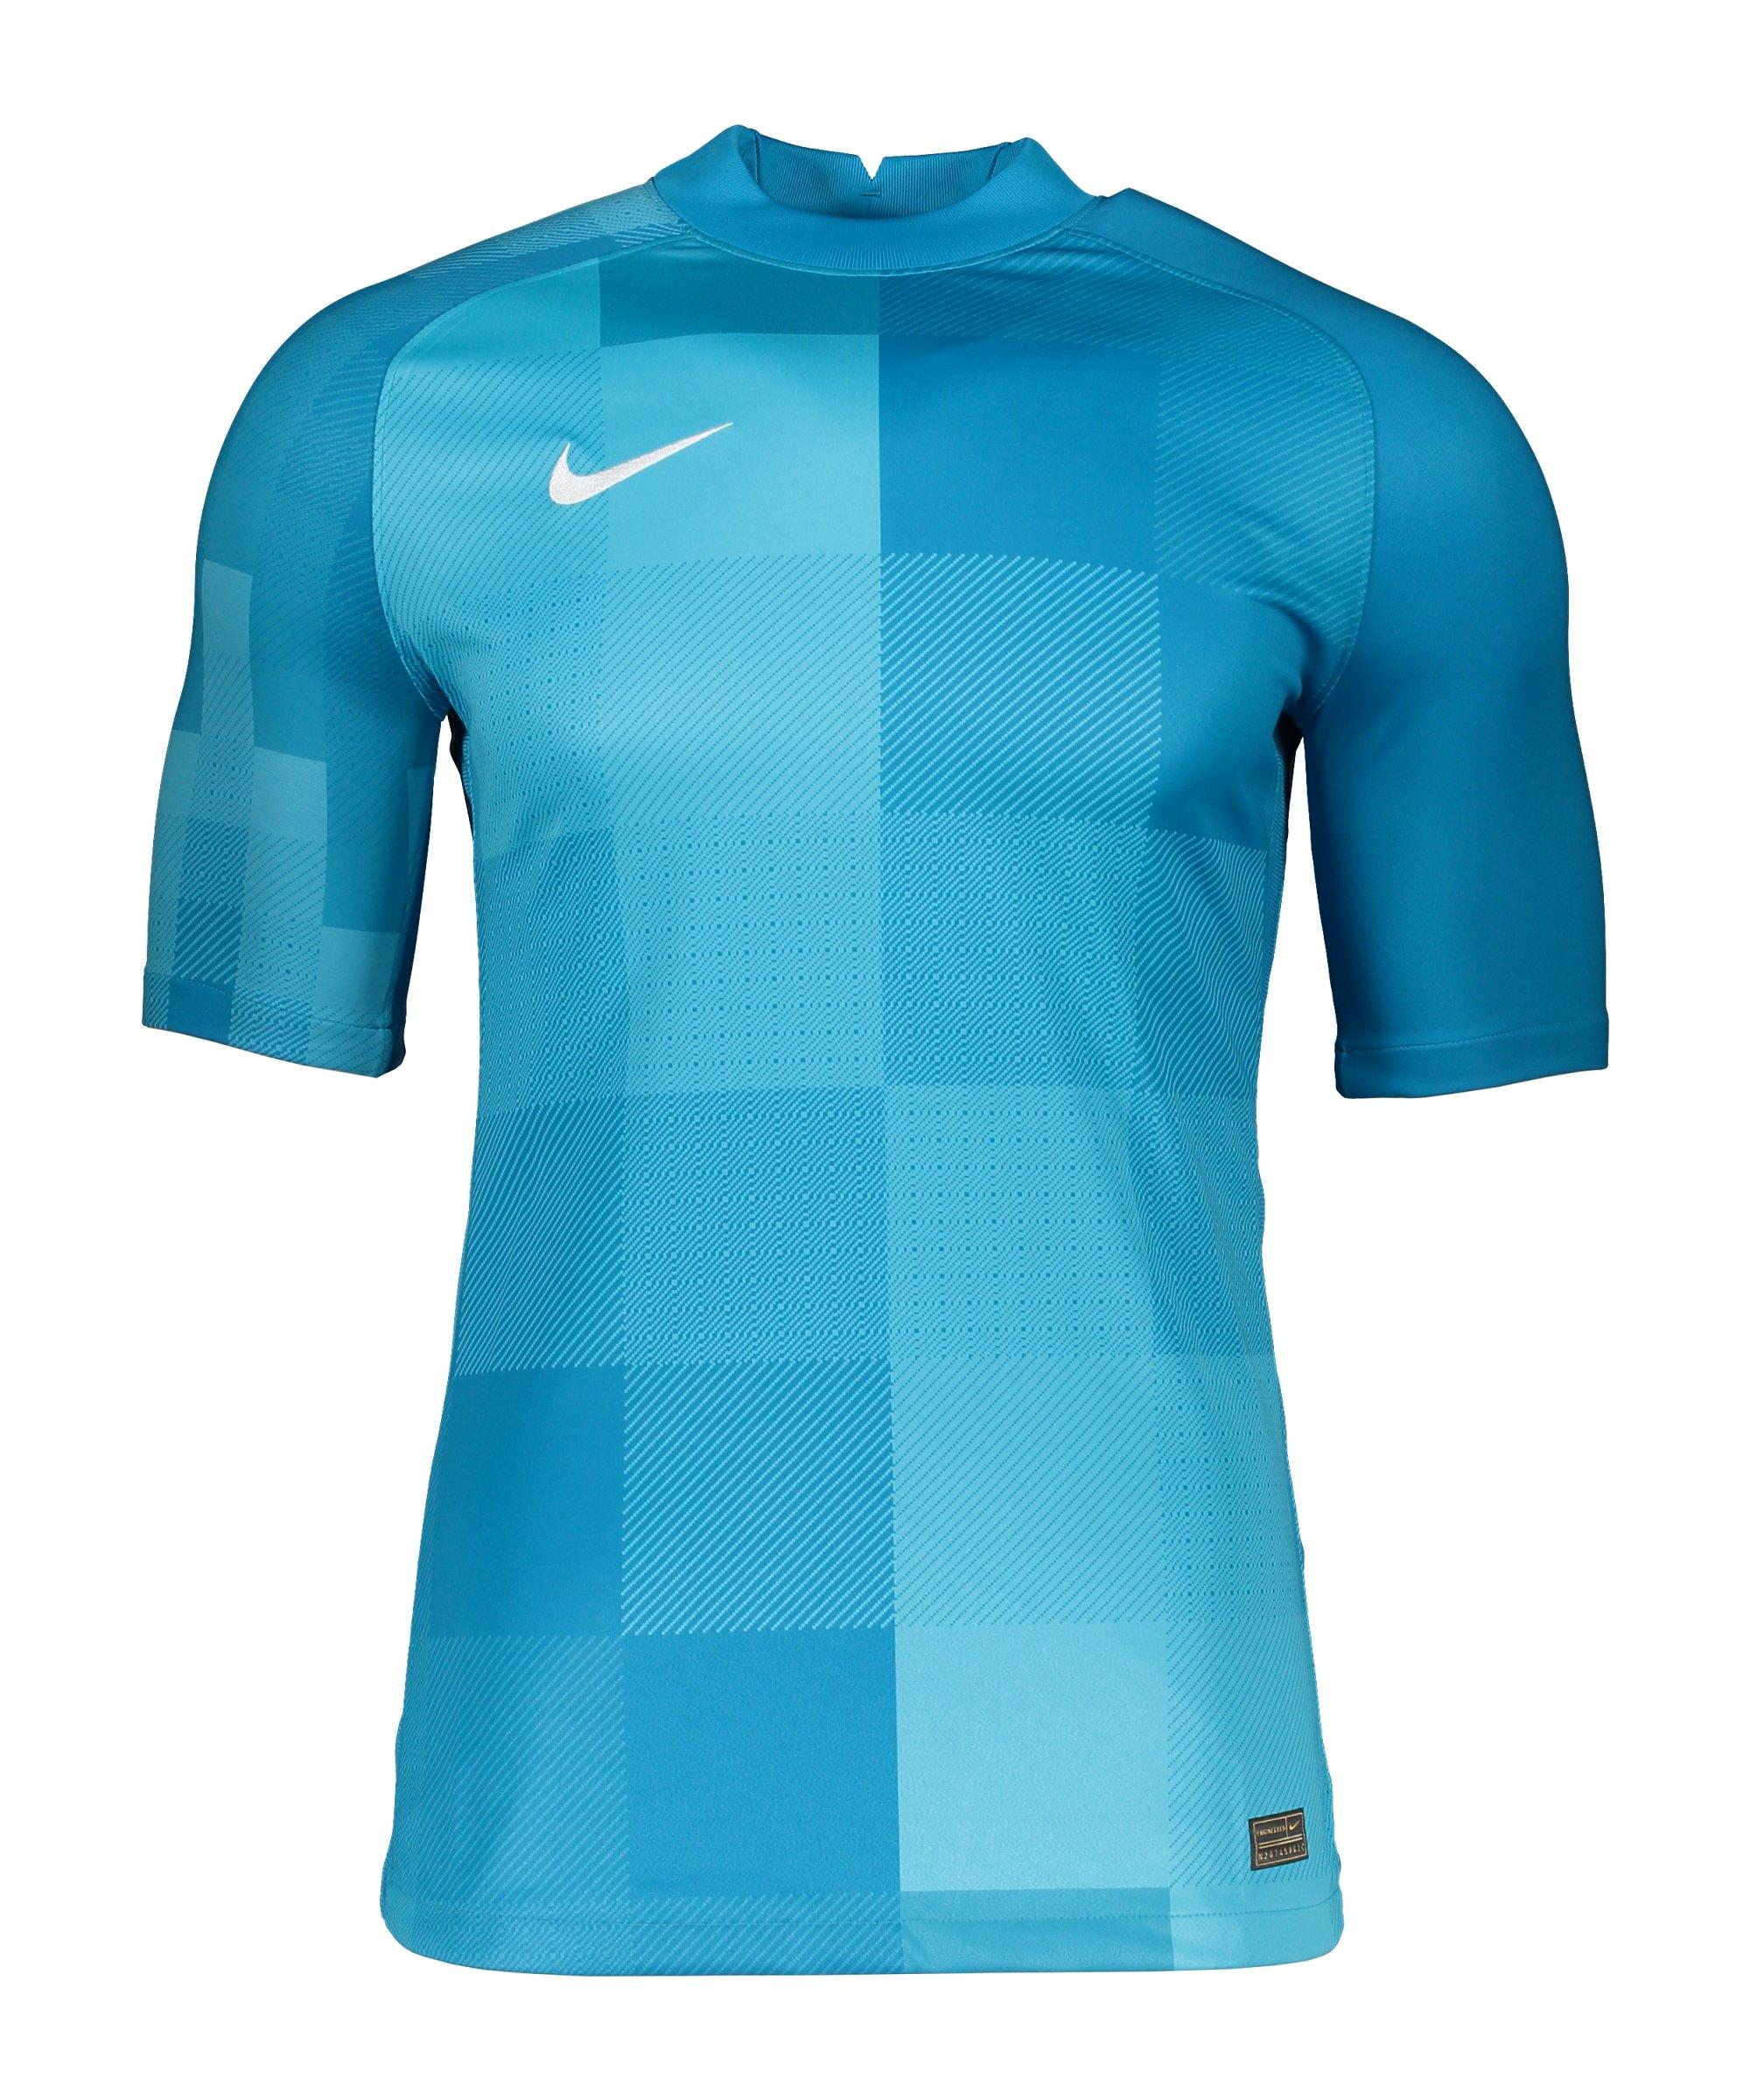 Nike Promo TW-Trikot kurzarm F411 - blau